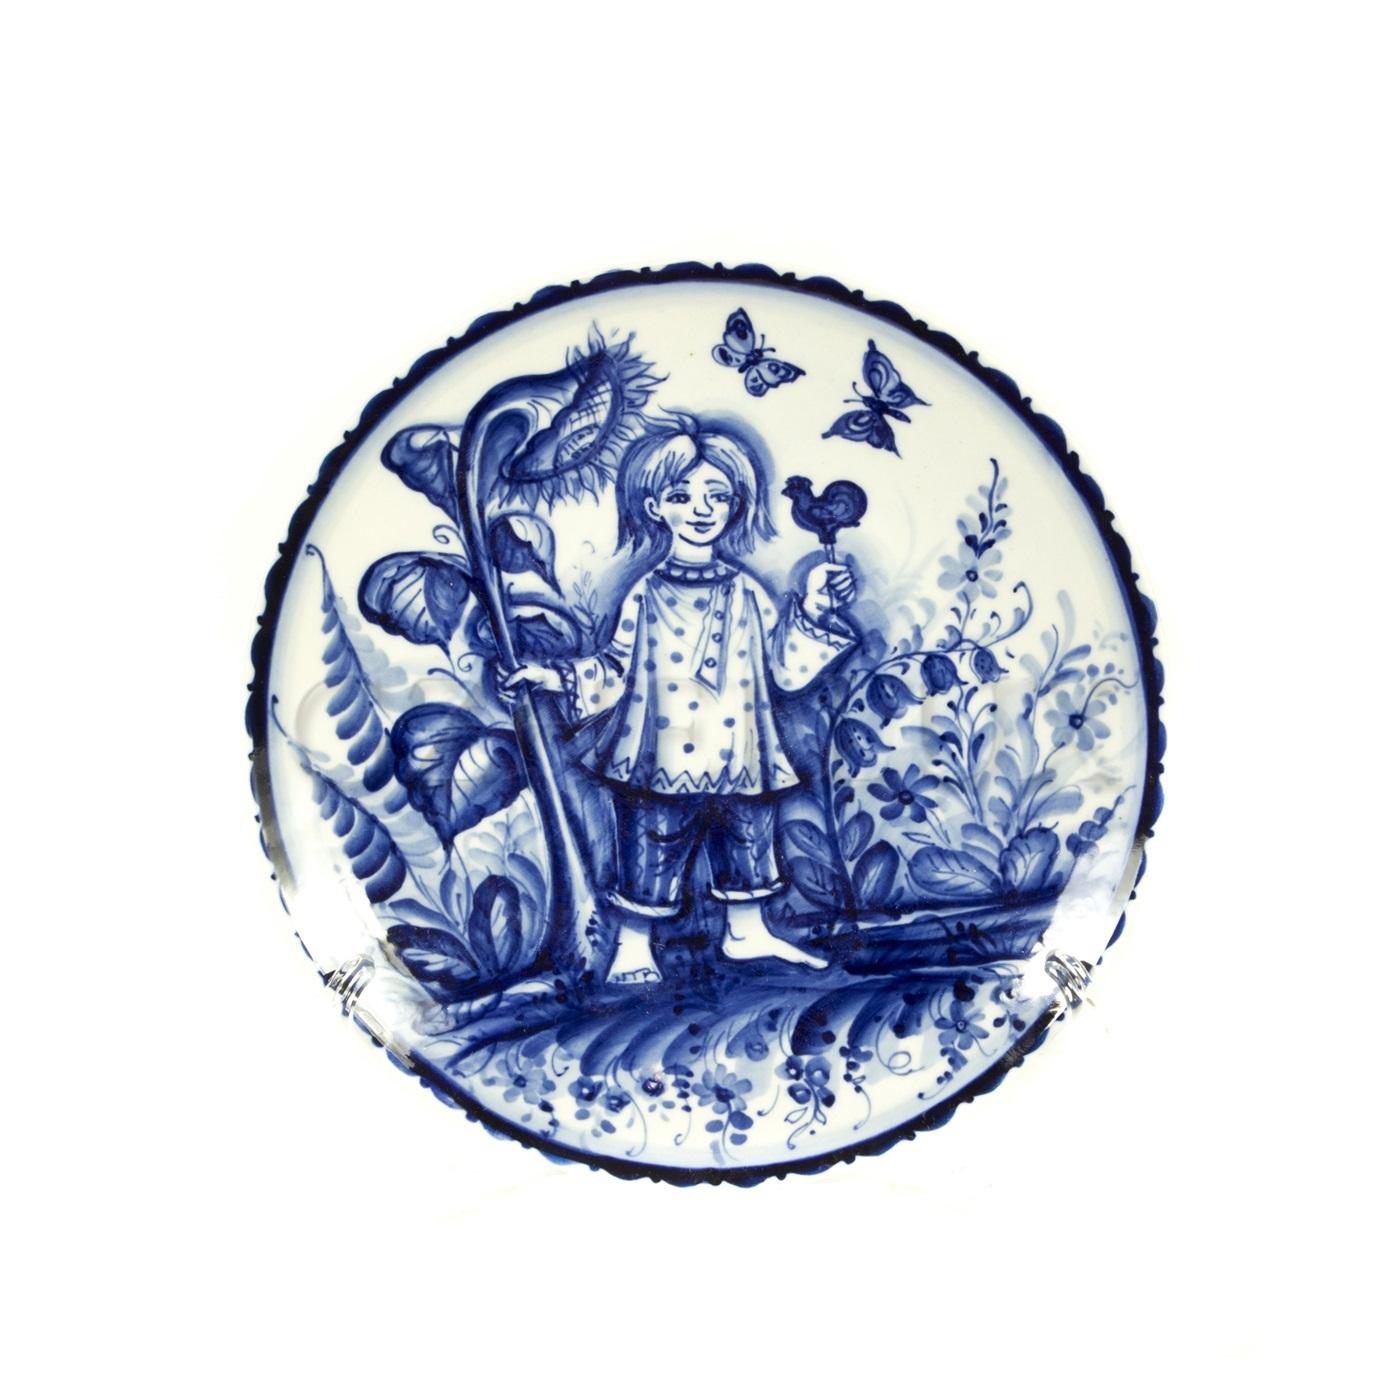 Тарелка декоративная «Мальчик с пальчик»